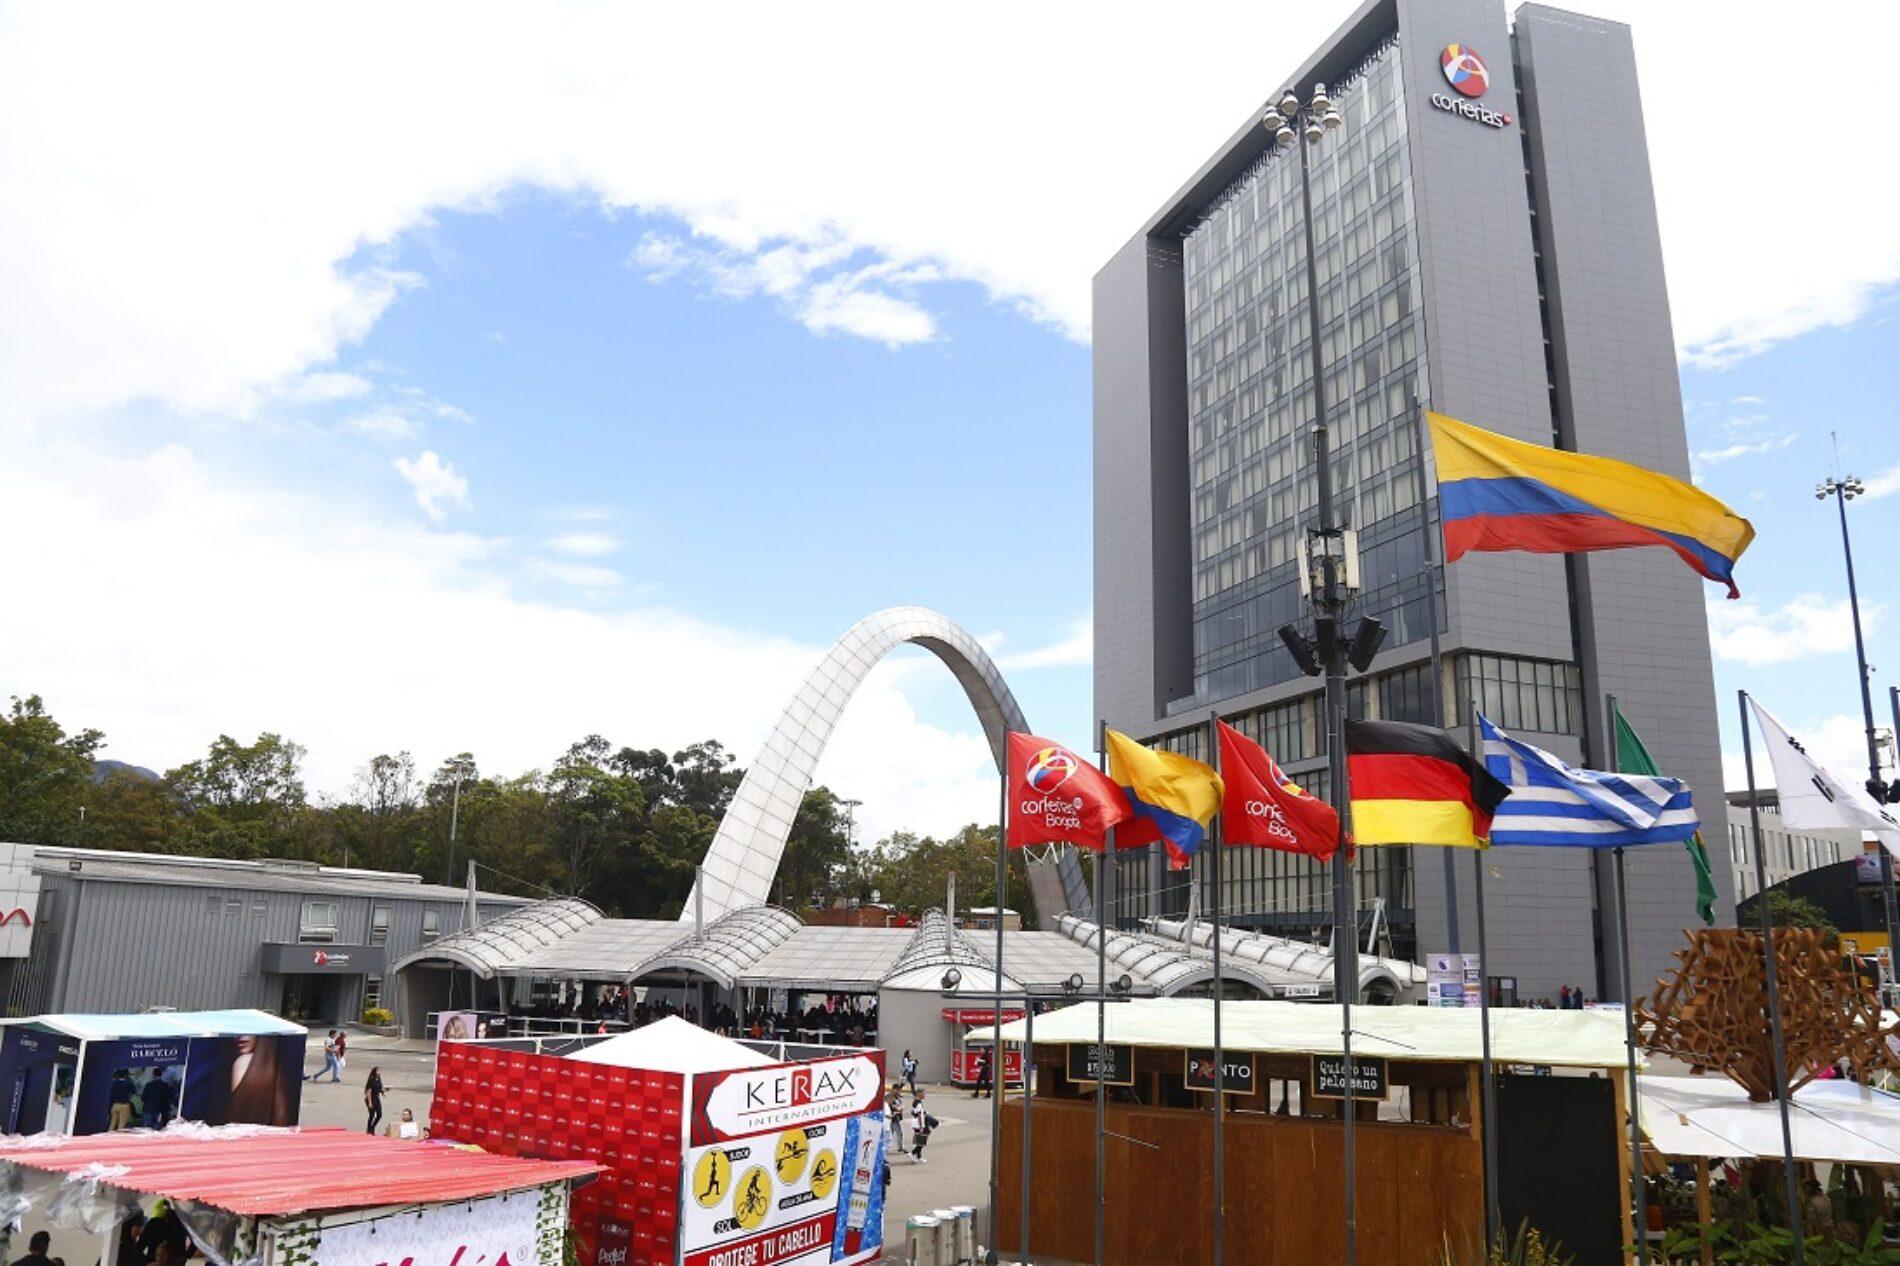 La industria de la Belleza en Colombia se reactiva con la feria de Belleza y Salud en Corferias